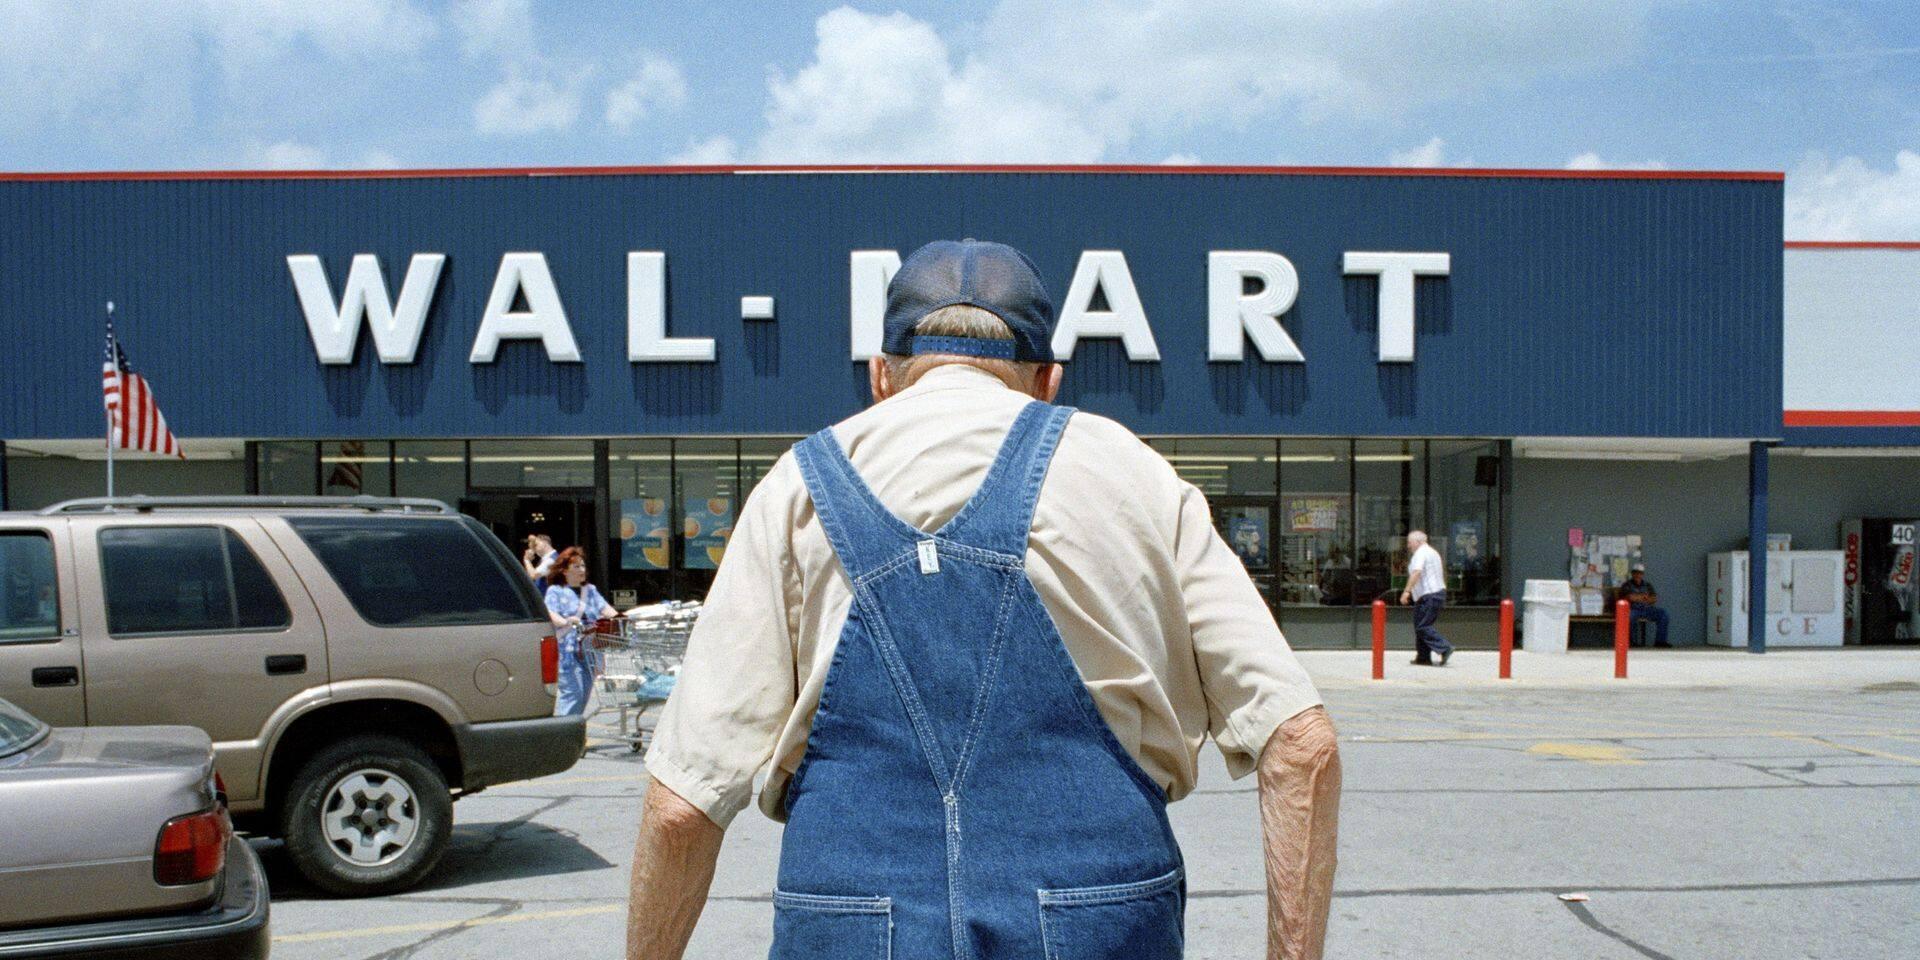 Walmart cède les supermarchés Asda à des investisseurs britanniques pour 6,8 milliards de livres